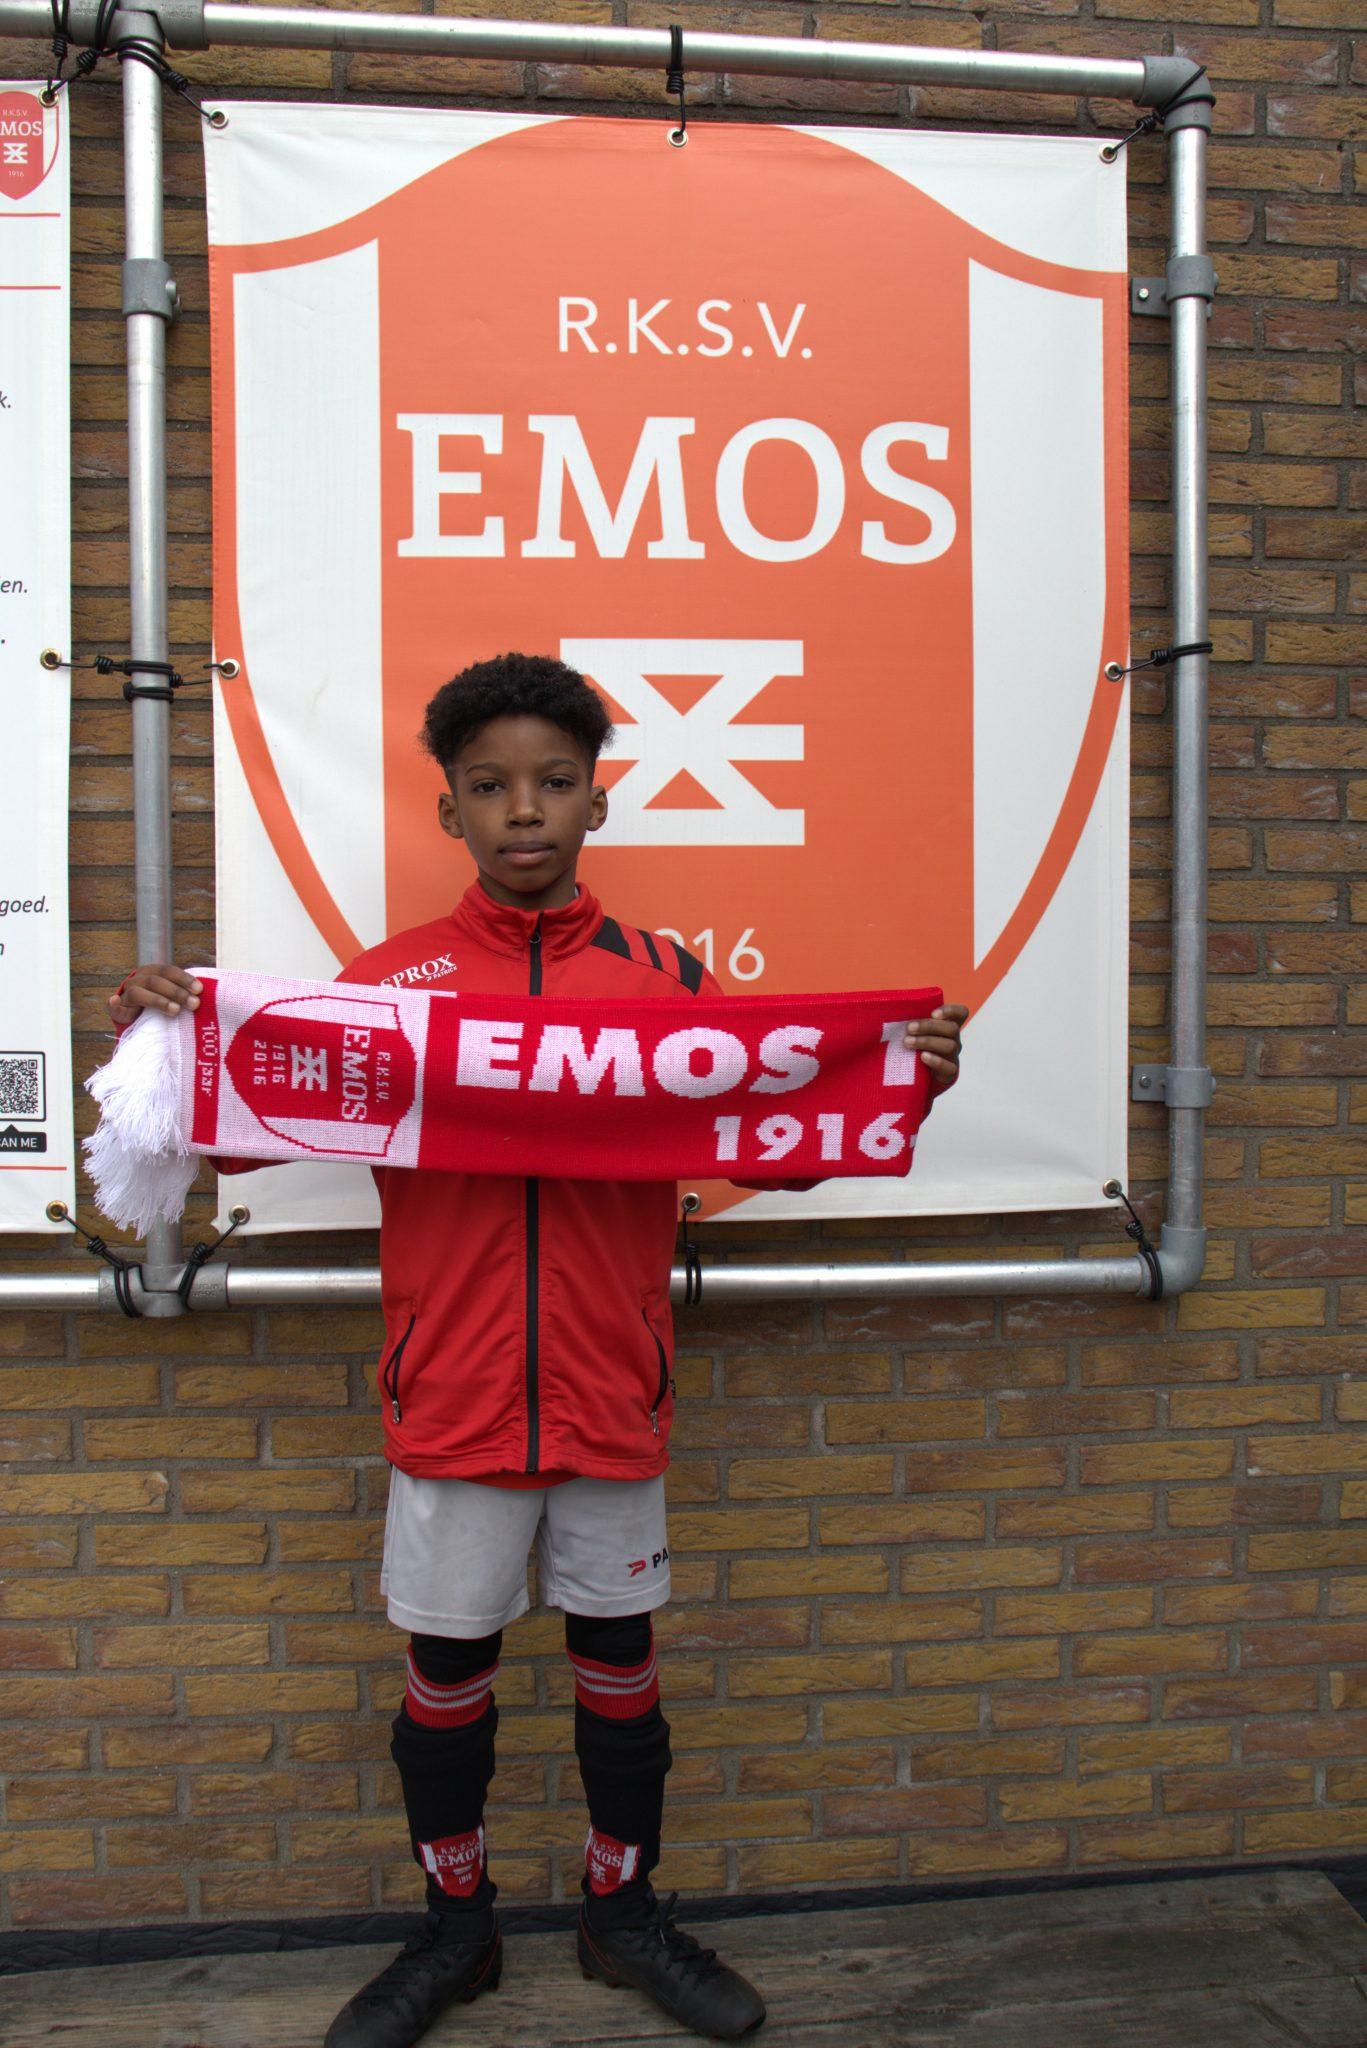 EMOS talent Adam naar FC Twente/Heracles academie